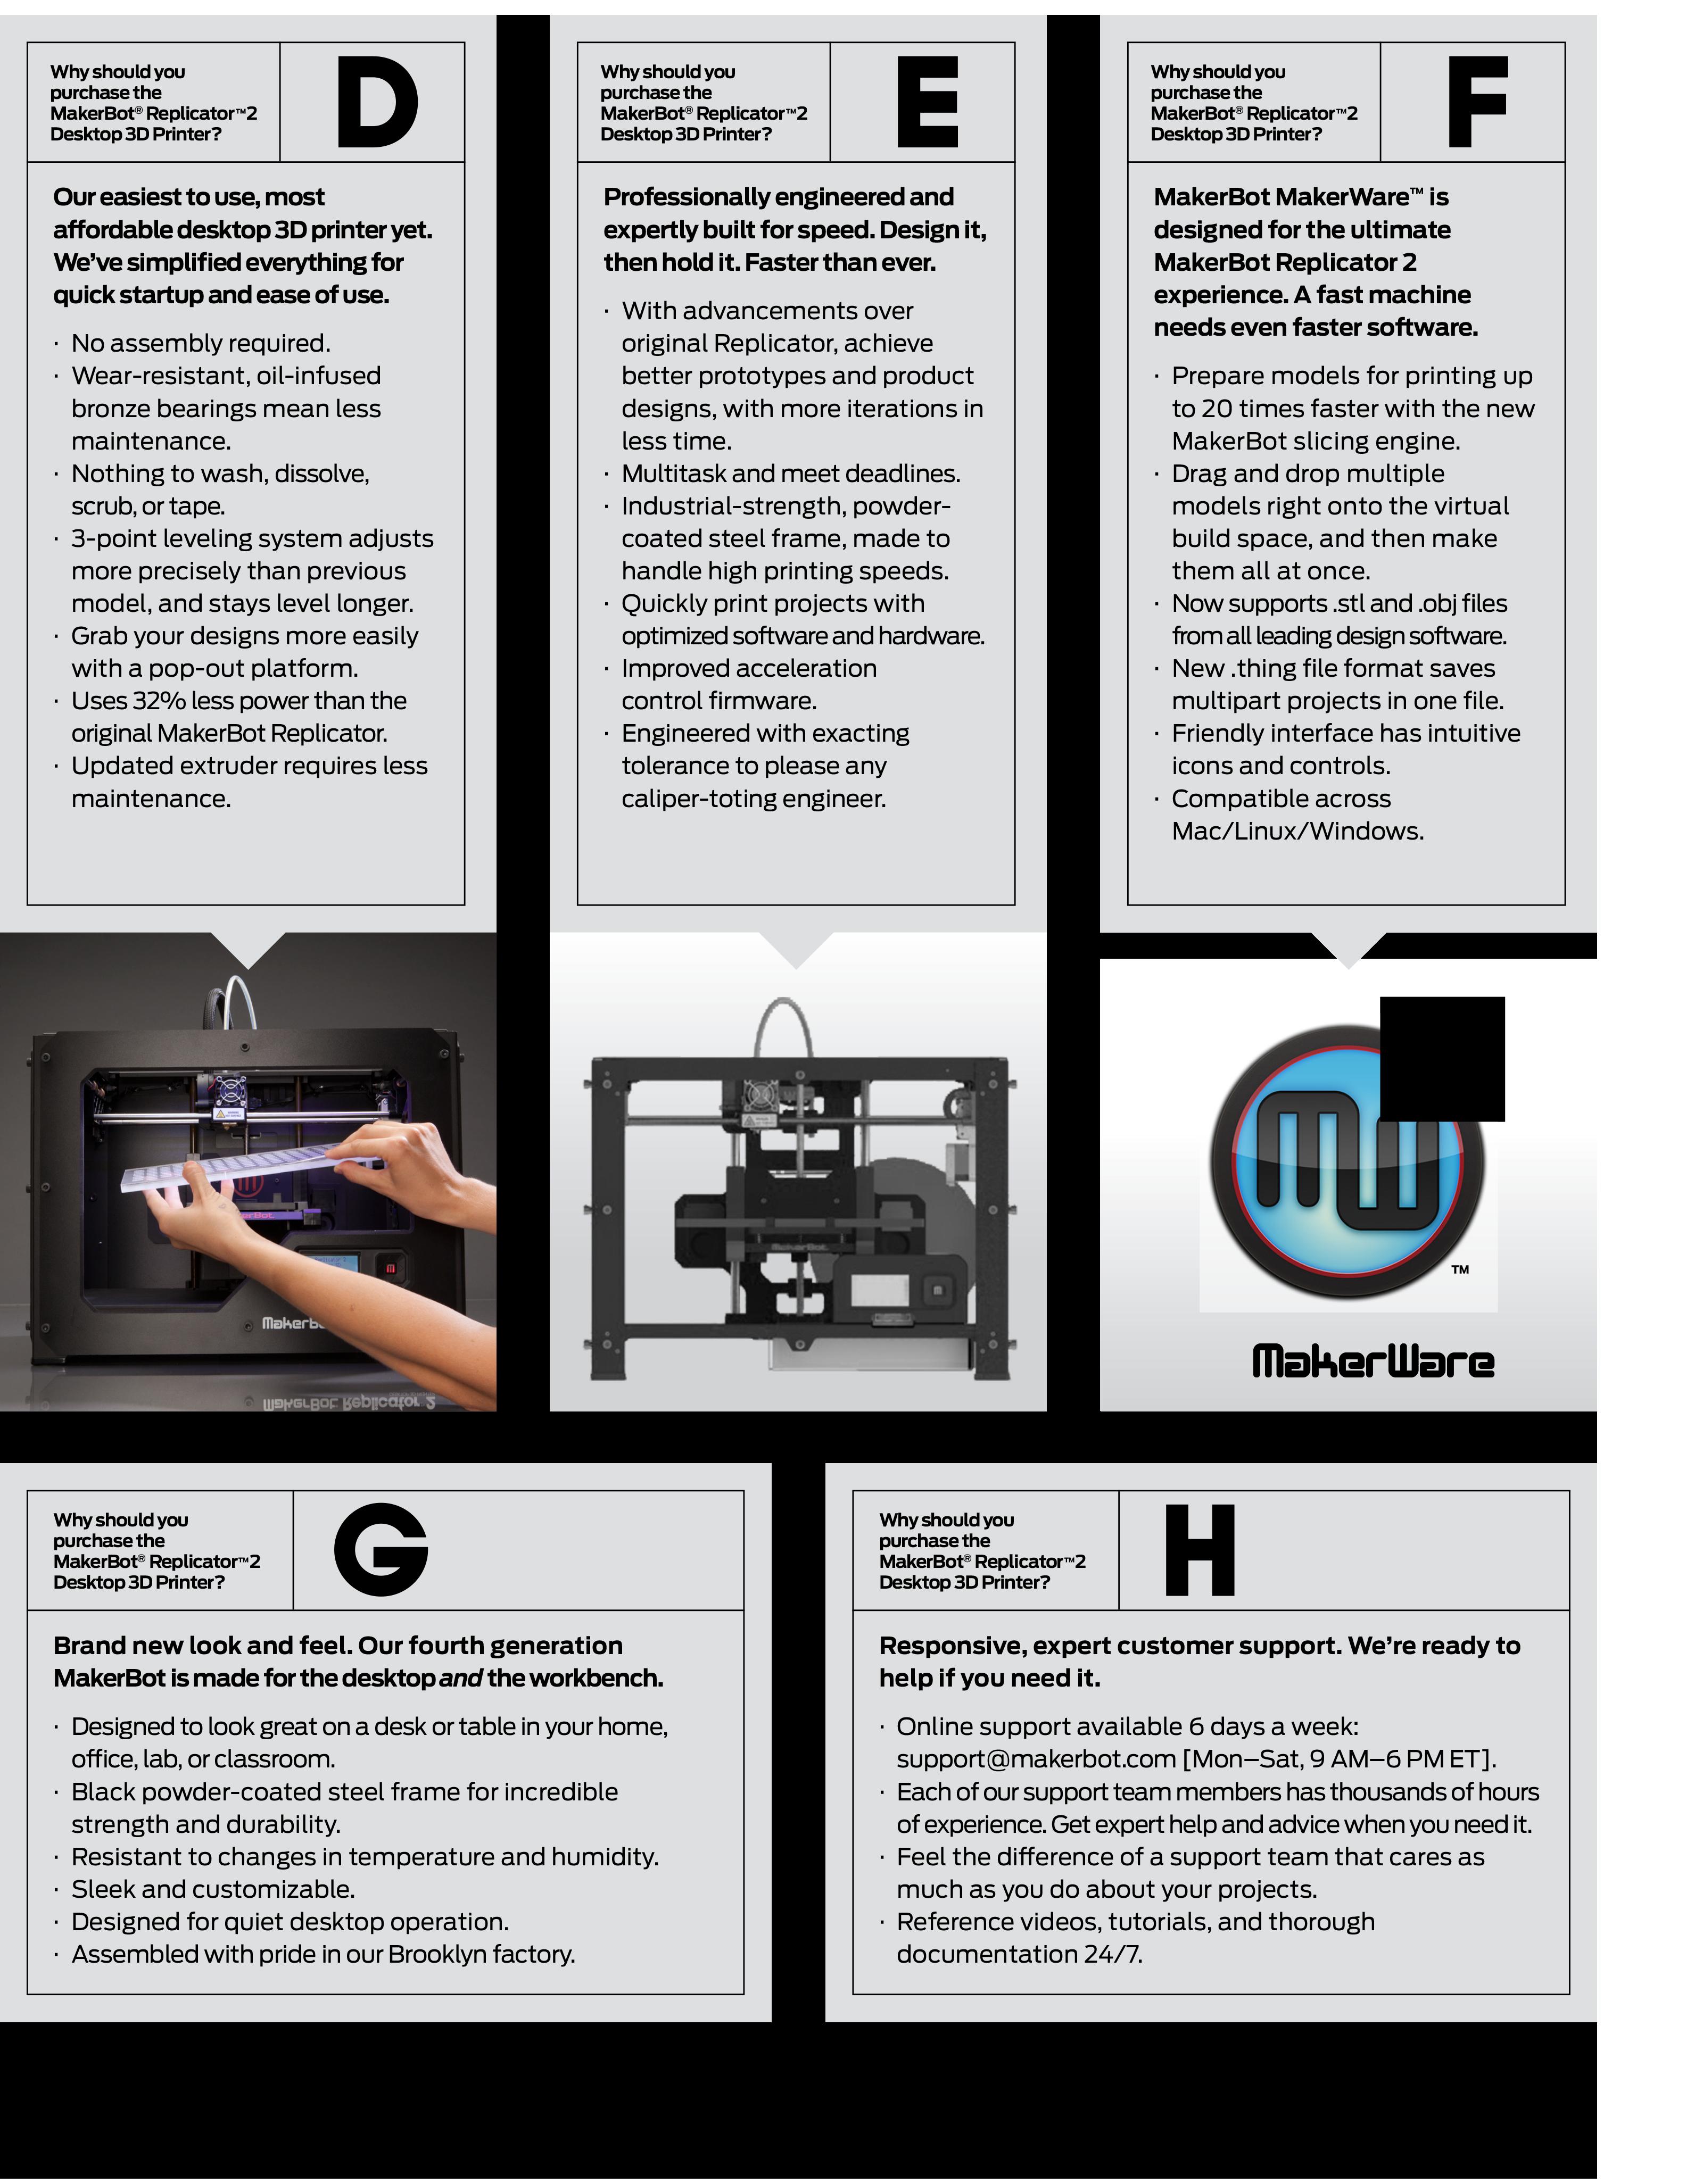 MakerBot_Replicator2_brochure-6